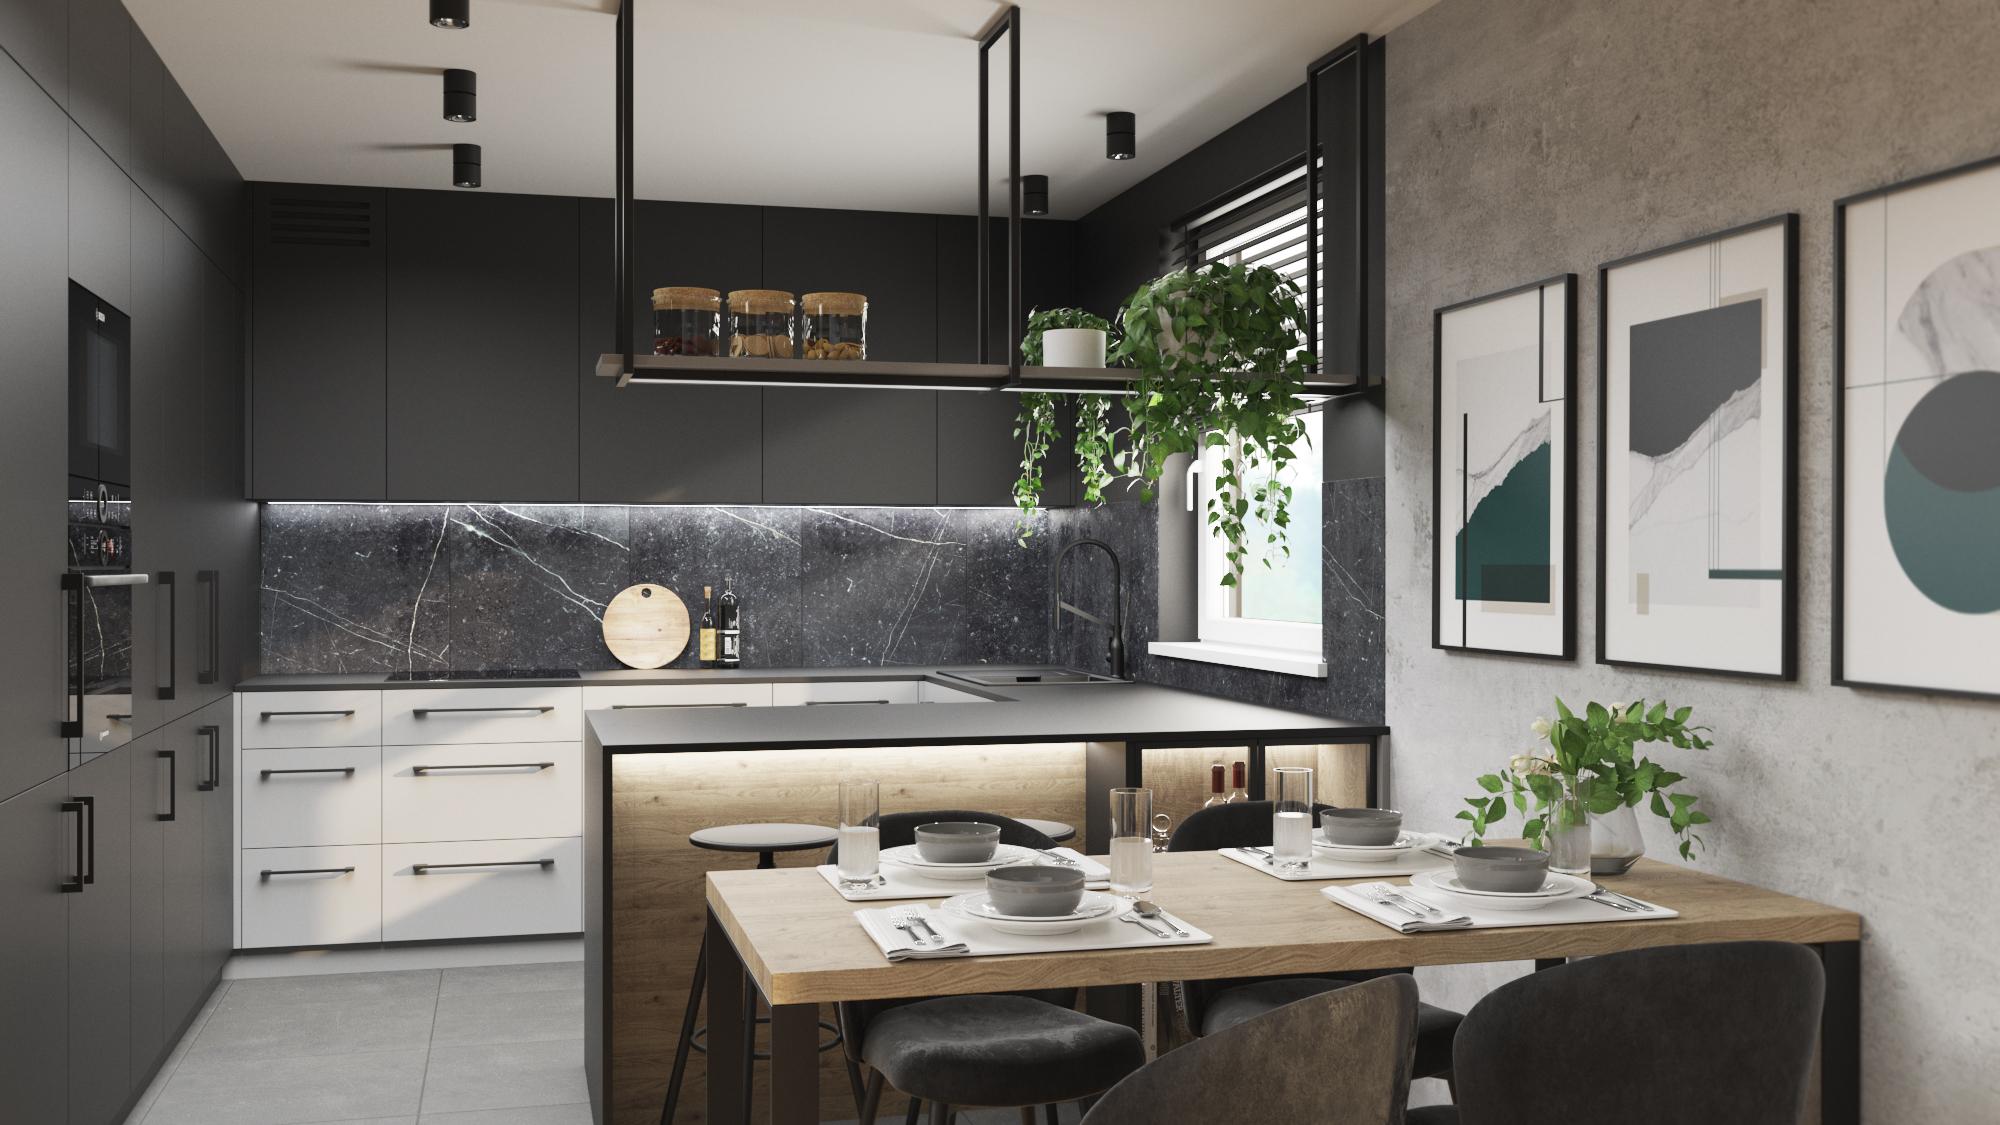 Ciemna kuchnia_szaro grafitowa kuchnia_meble kuchenne na wymiar_zabudowy na wymiar_betonowa sciana